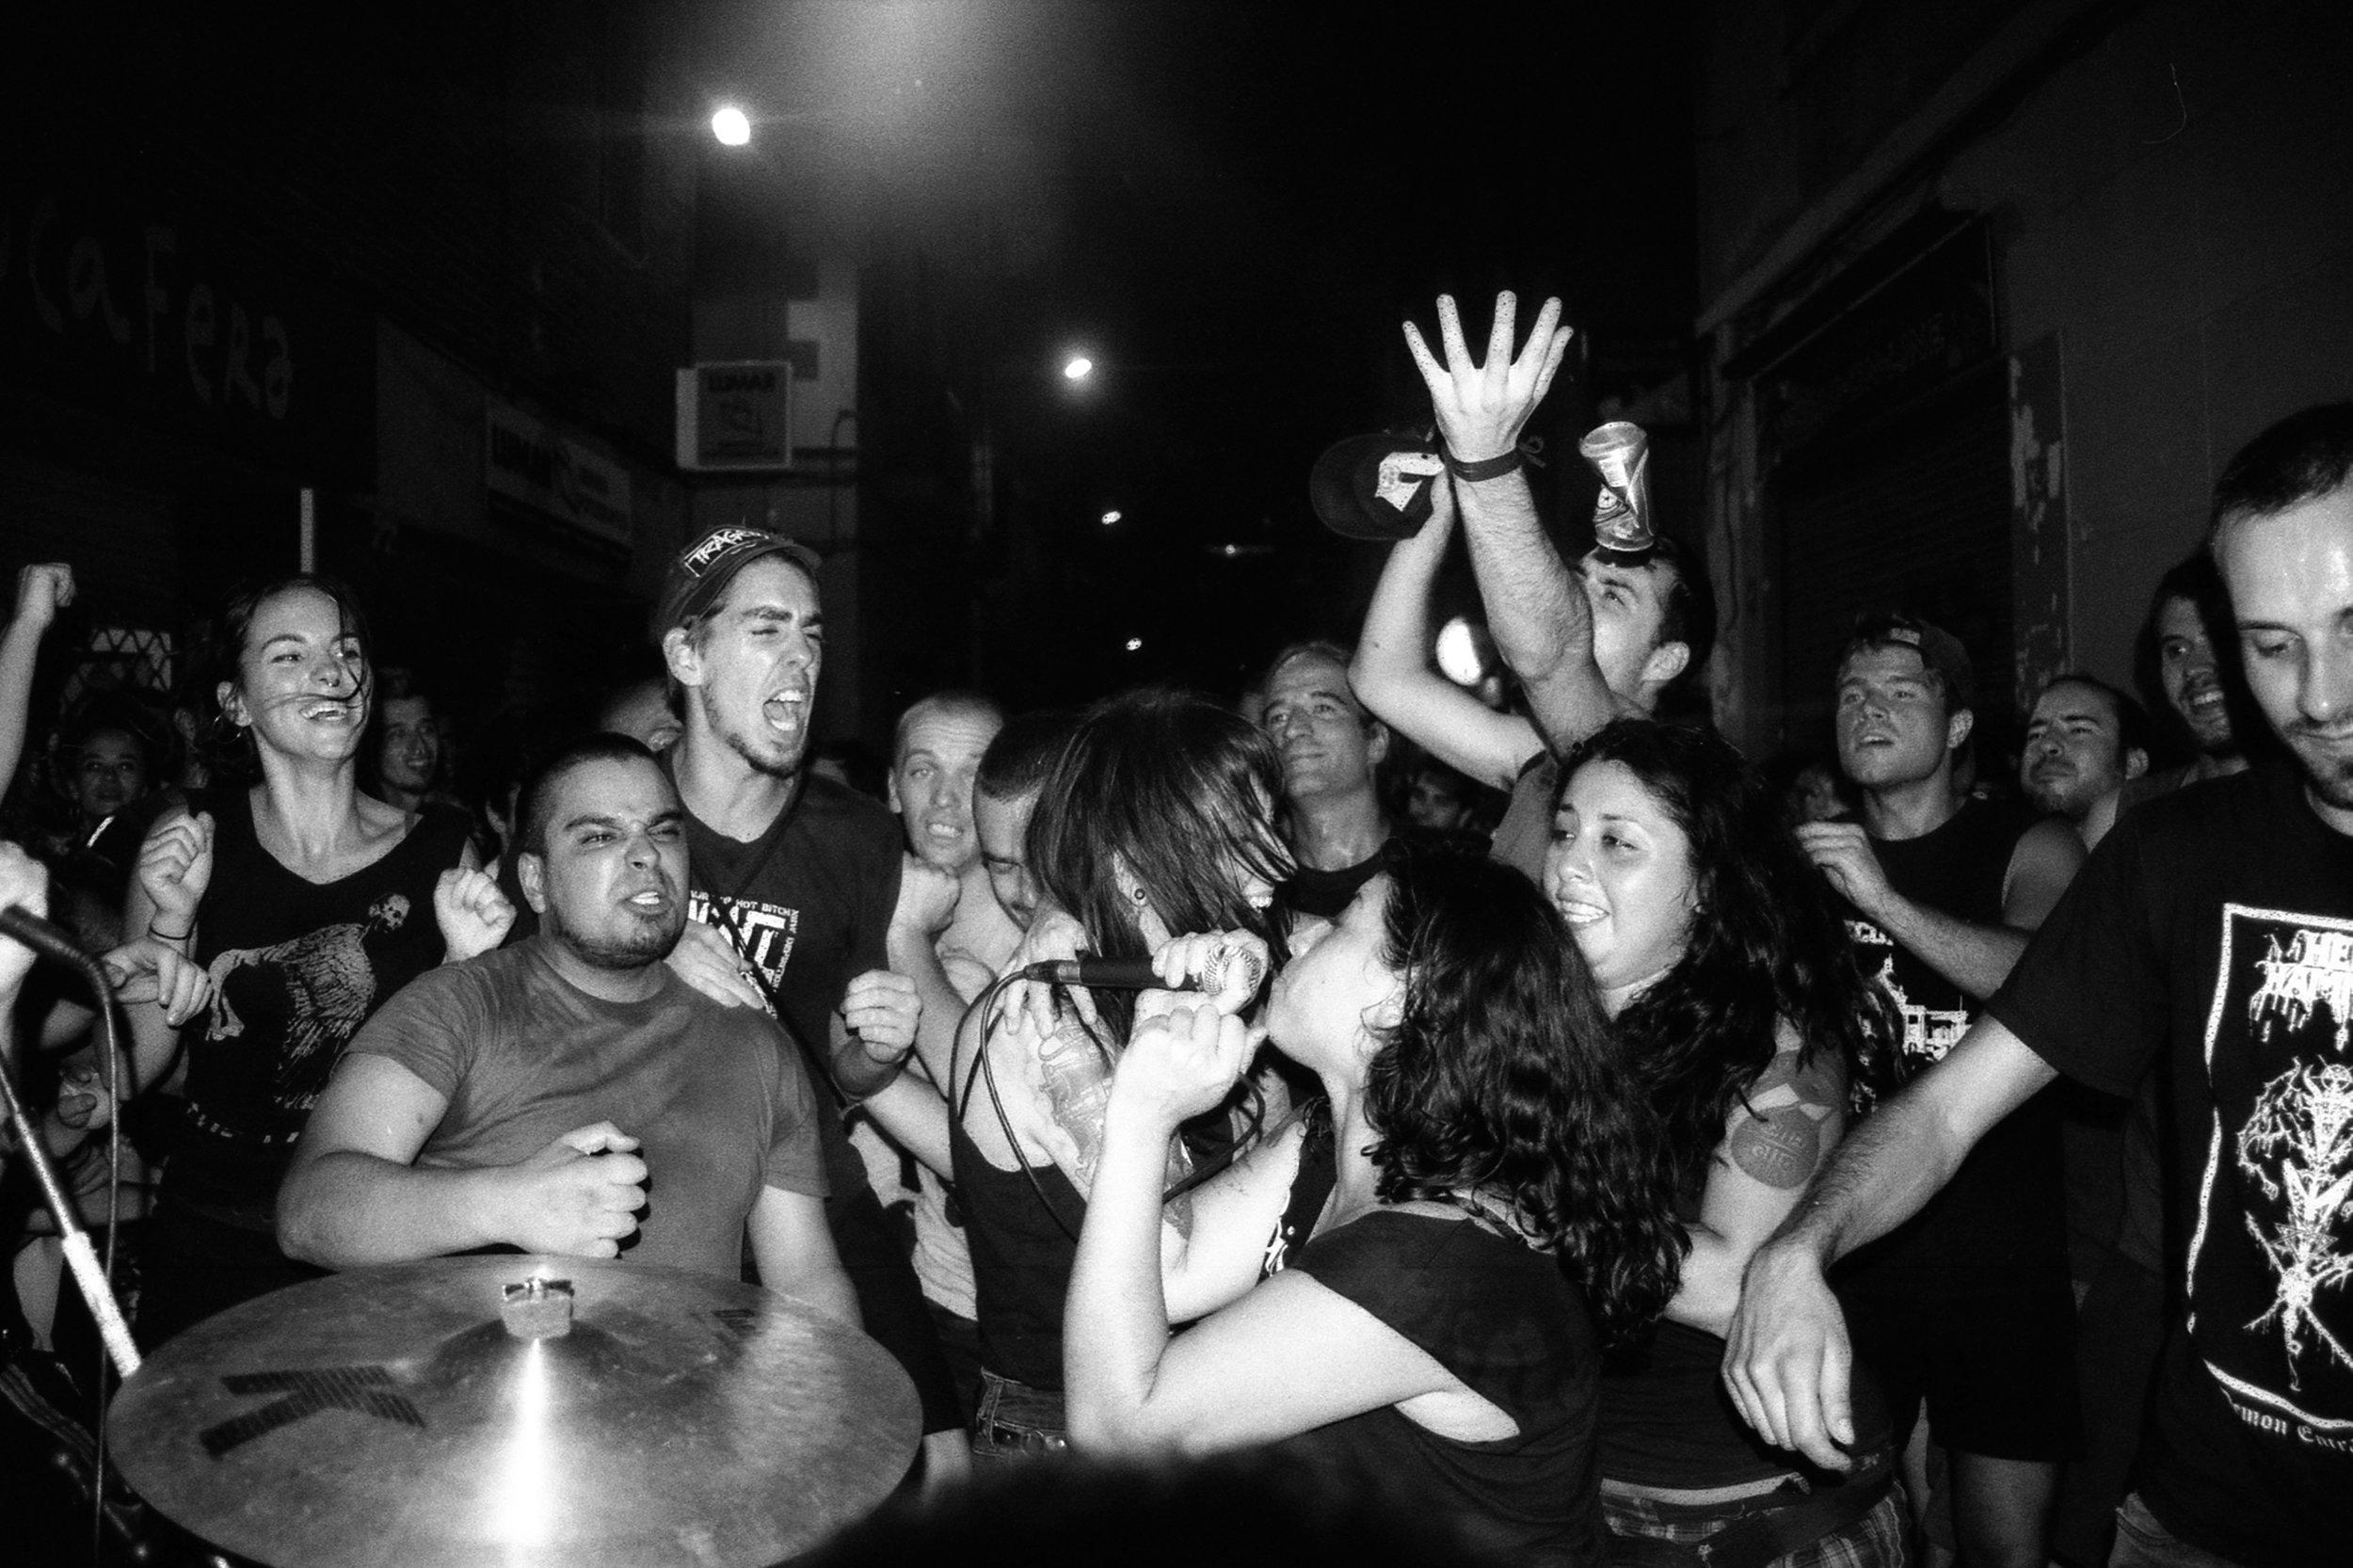 Ruidosa Inmundicia en Kaos a Gracia (2012)